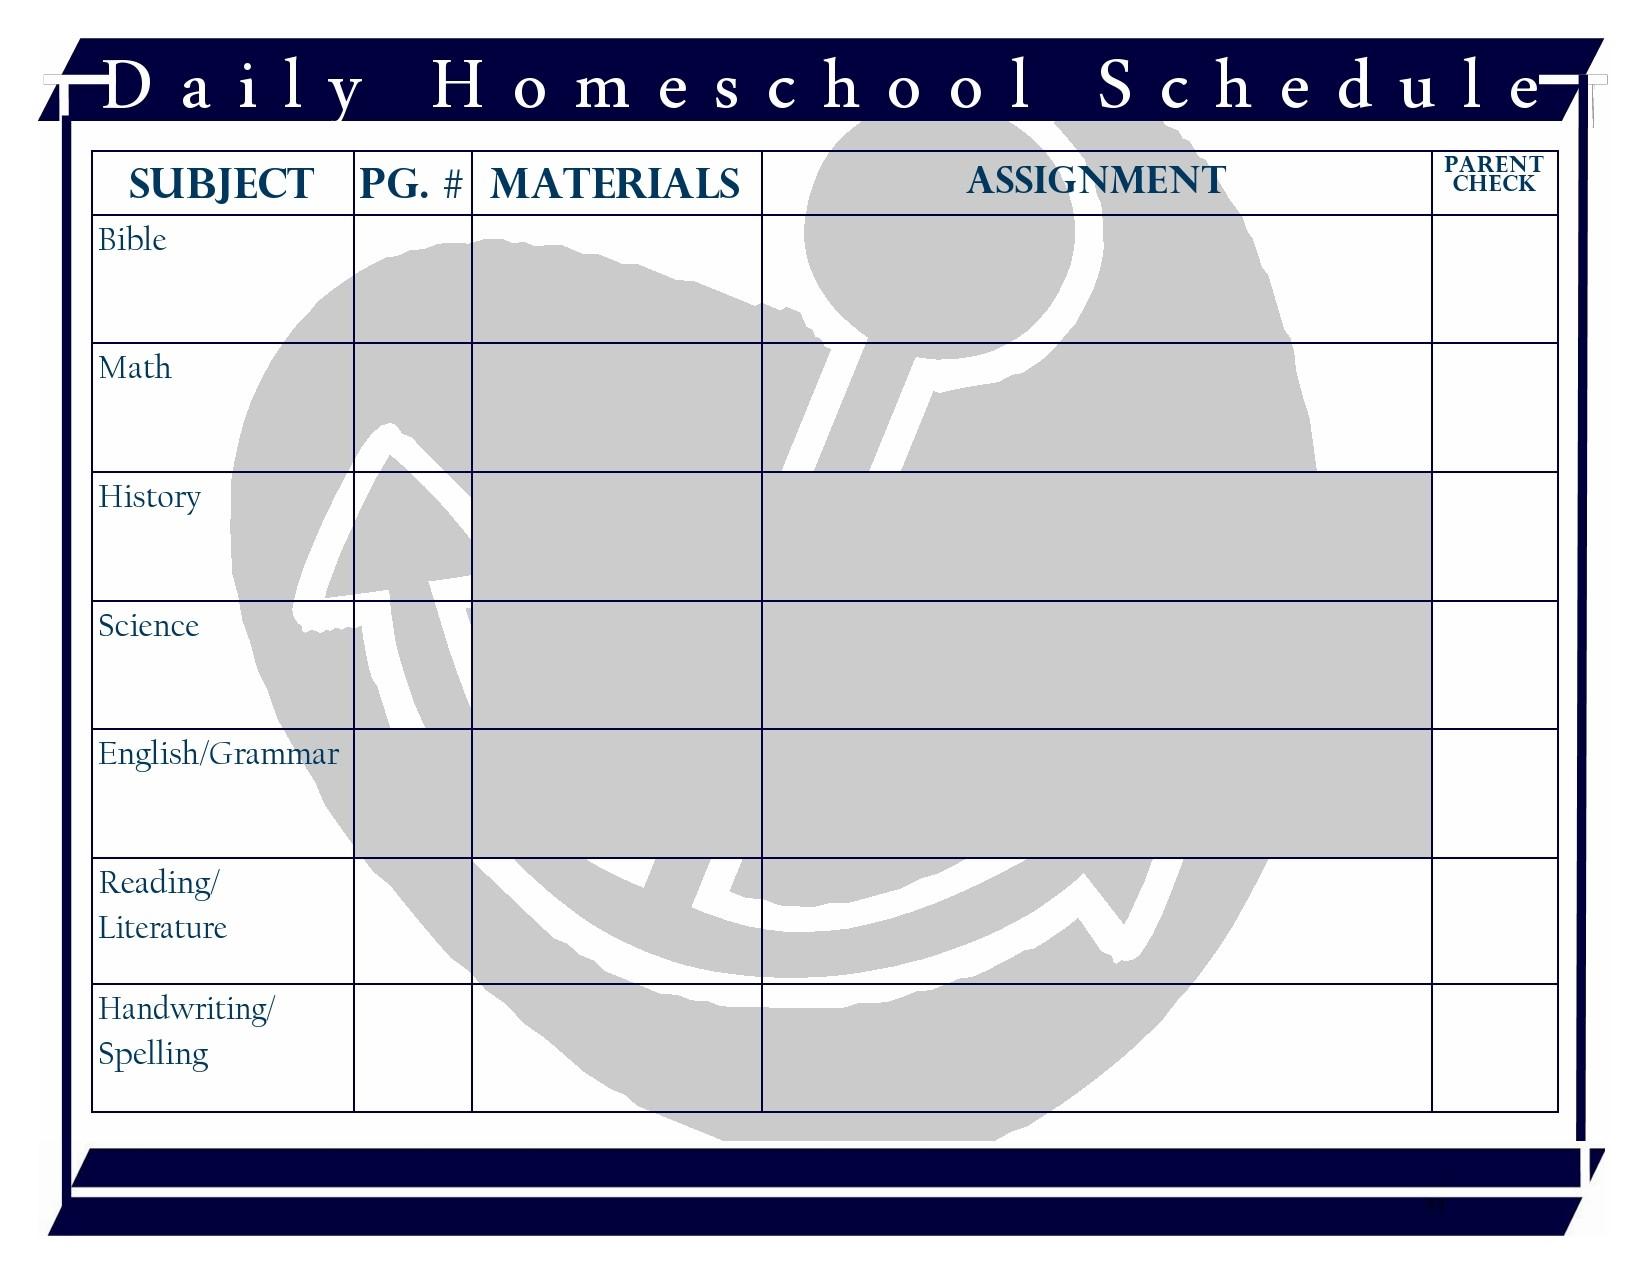 Free homeschool schedule template 21